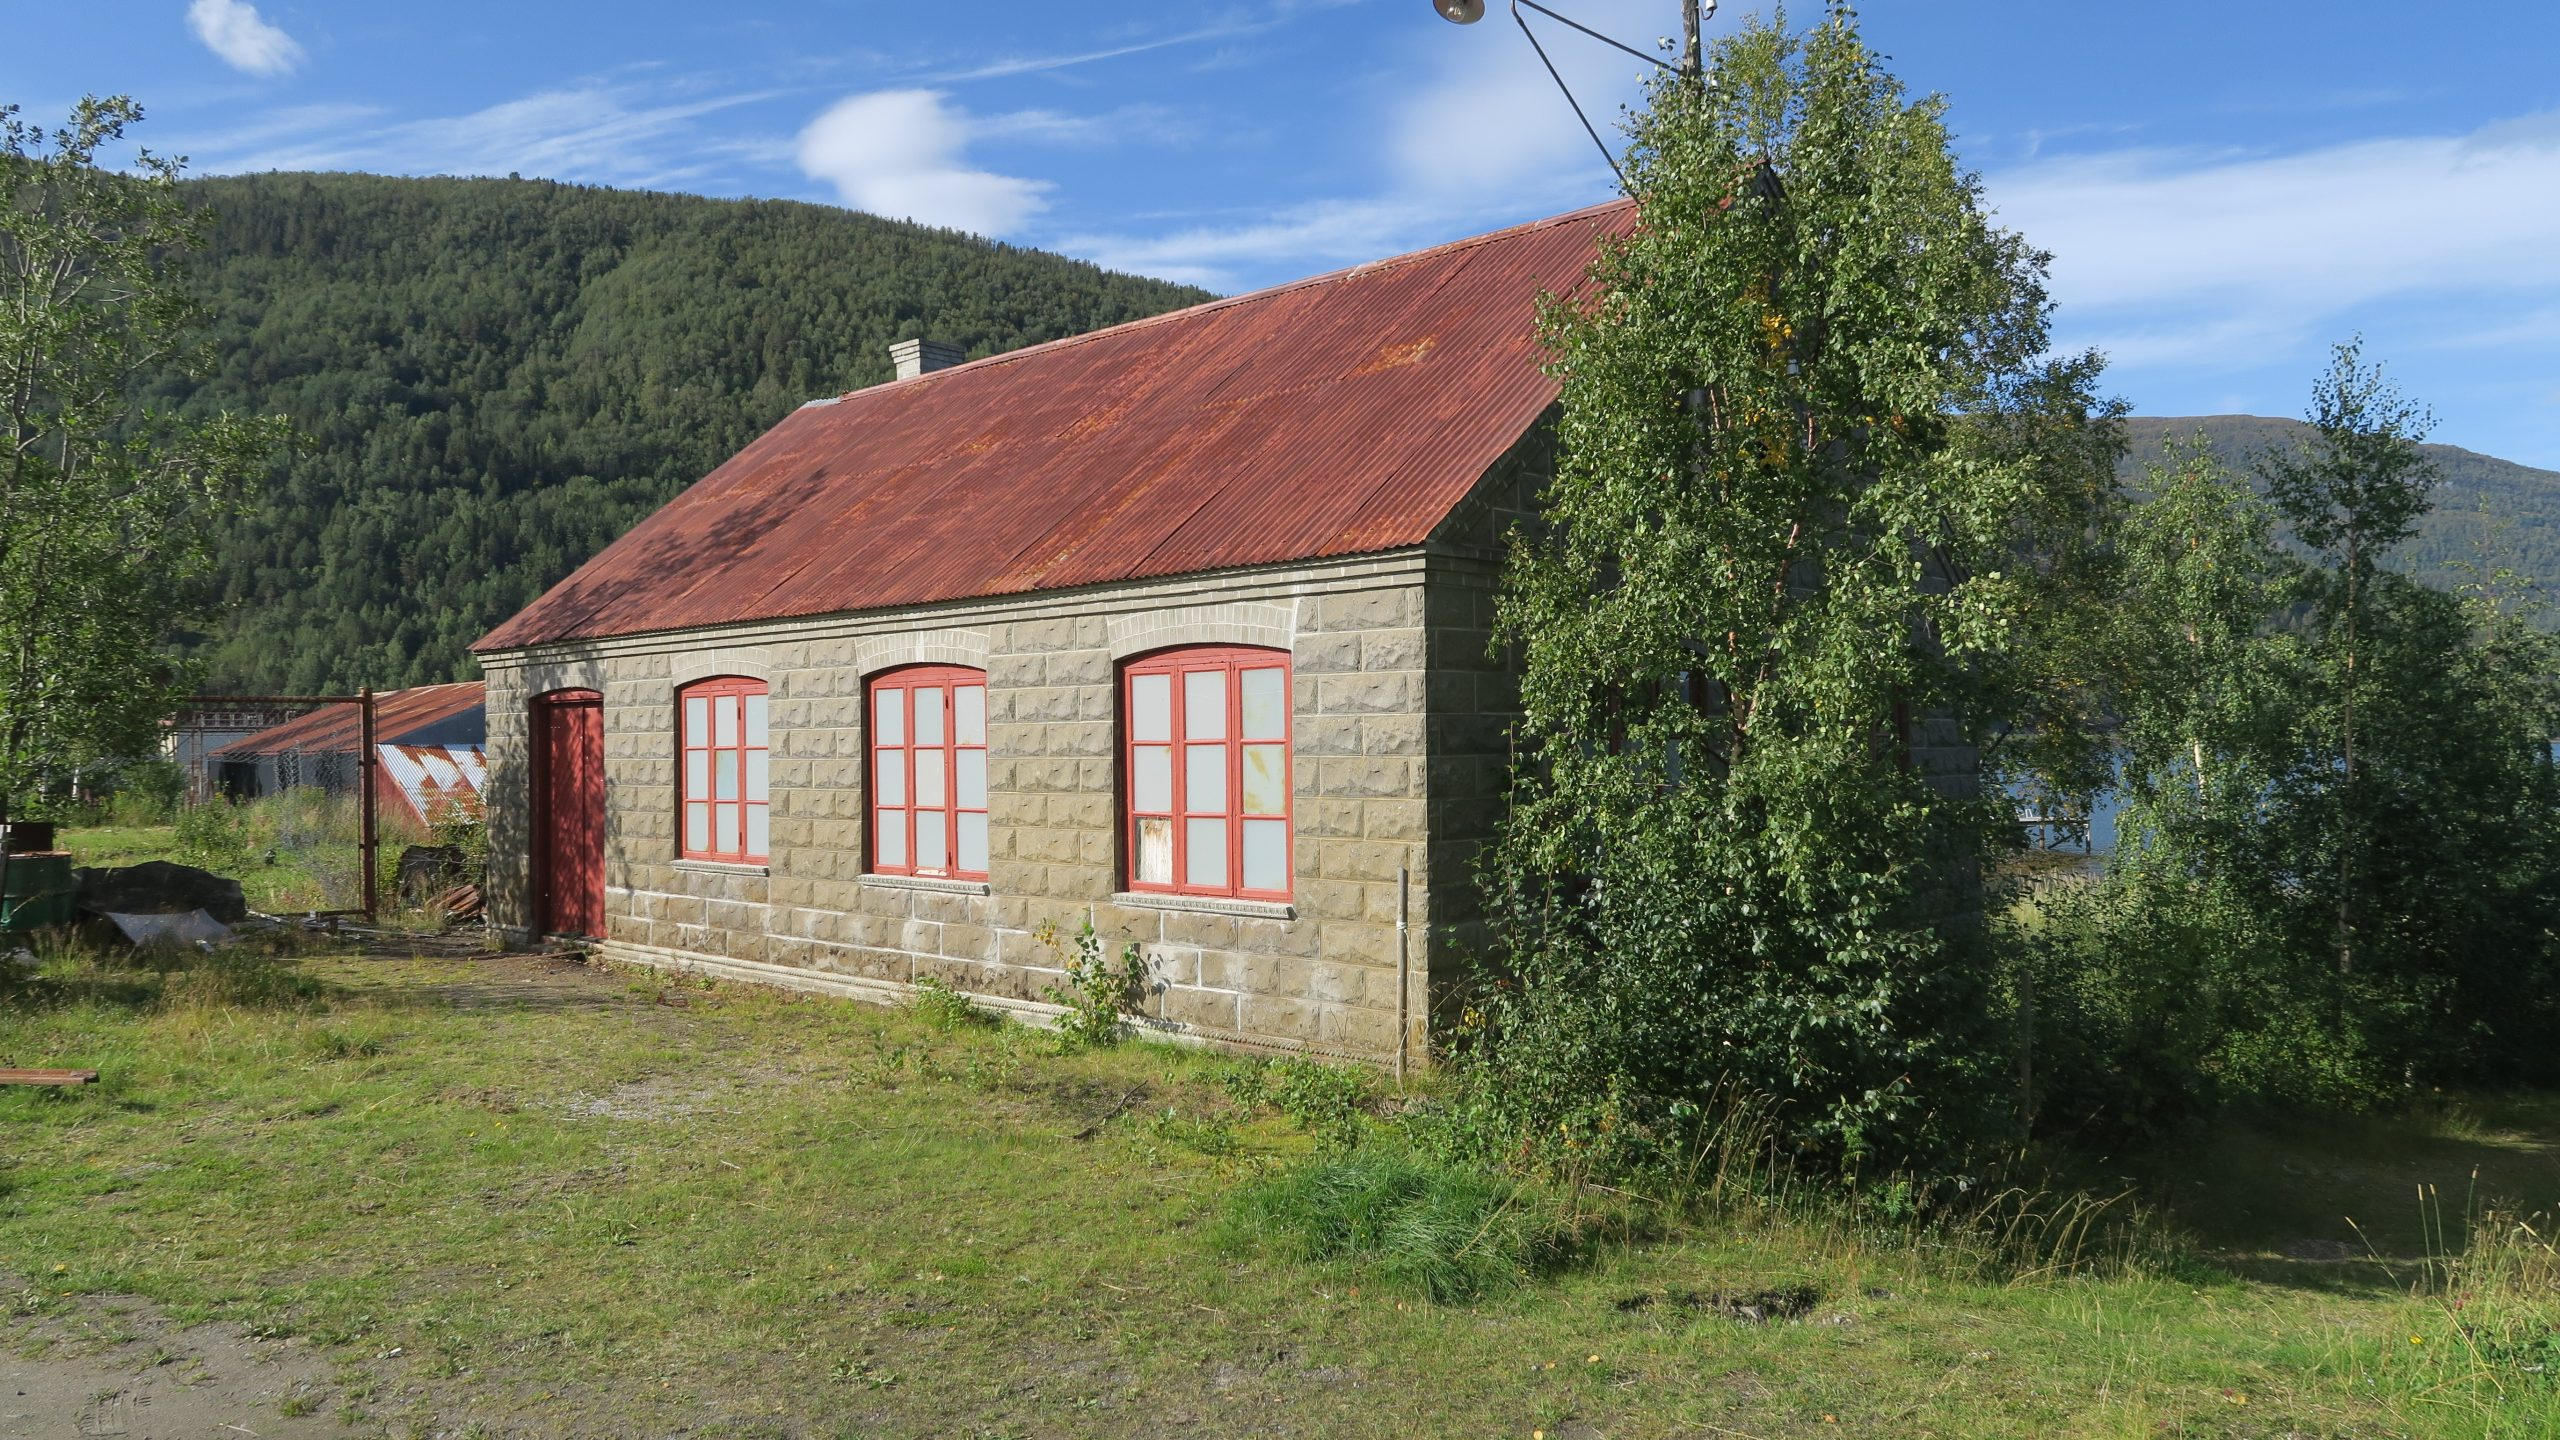 bilde av Haagensenverkstedet i Rognan i Nordland. Foto: Ståle Arfeldt Bergås, Riksantikvaren